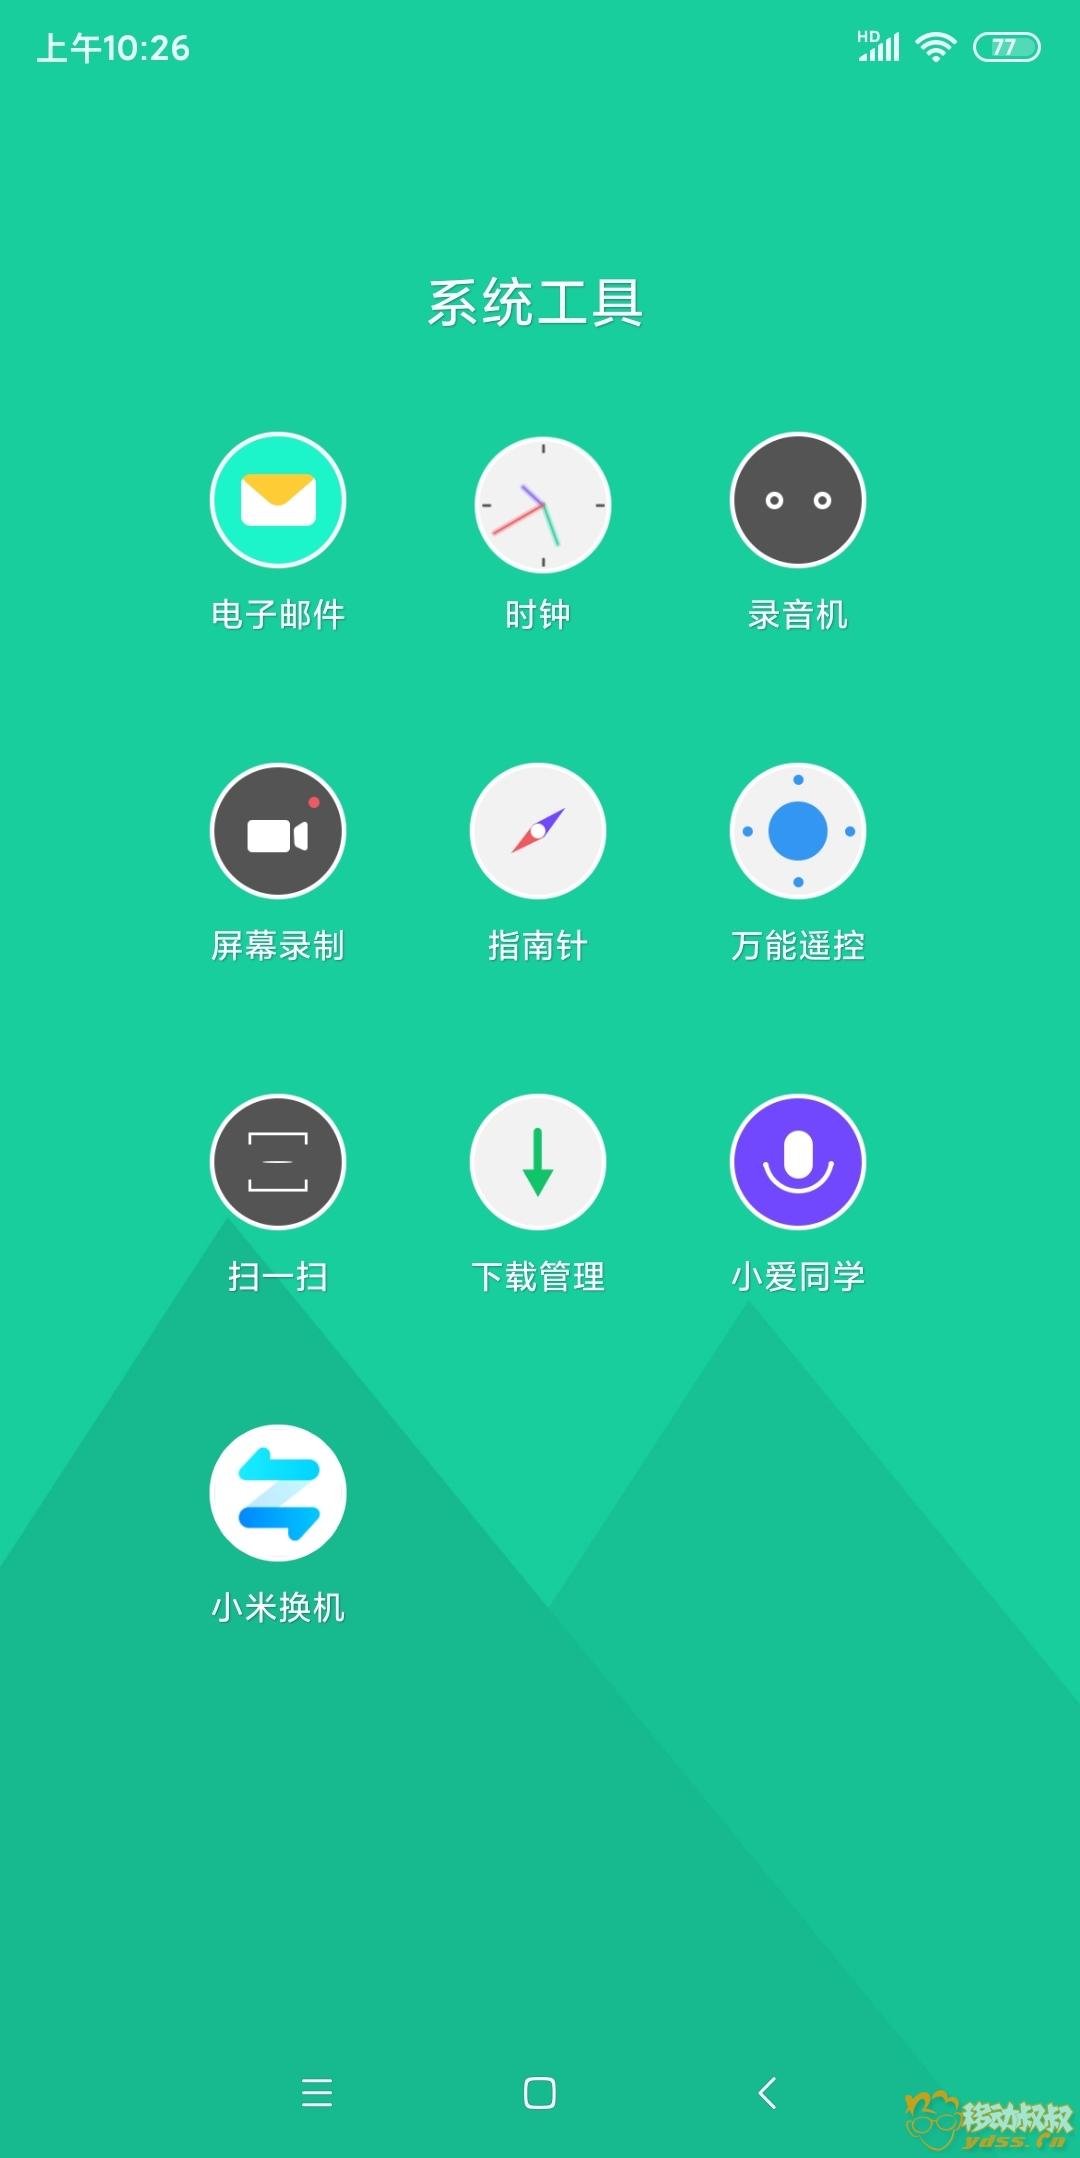 Screenshot_2019-11-06-10-26-40-862_com.miui.home.jpg